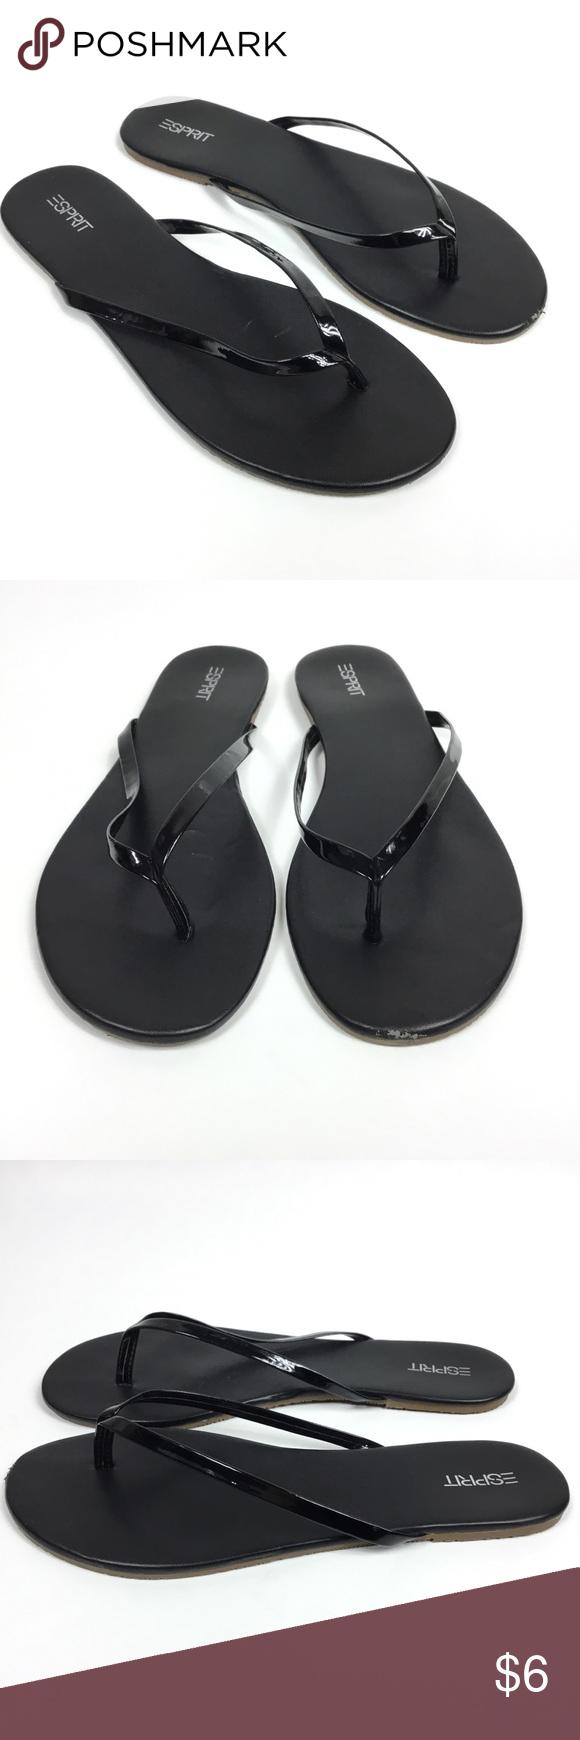 1e2cb0a07046 ESPRIT PARTY BLACK PATENT LEATHER THONG FLIP FLOPS Size 10 Has a scar at  toe on left shoe (pictured) Esprit Shoes Sandals